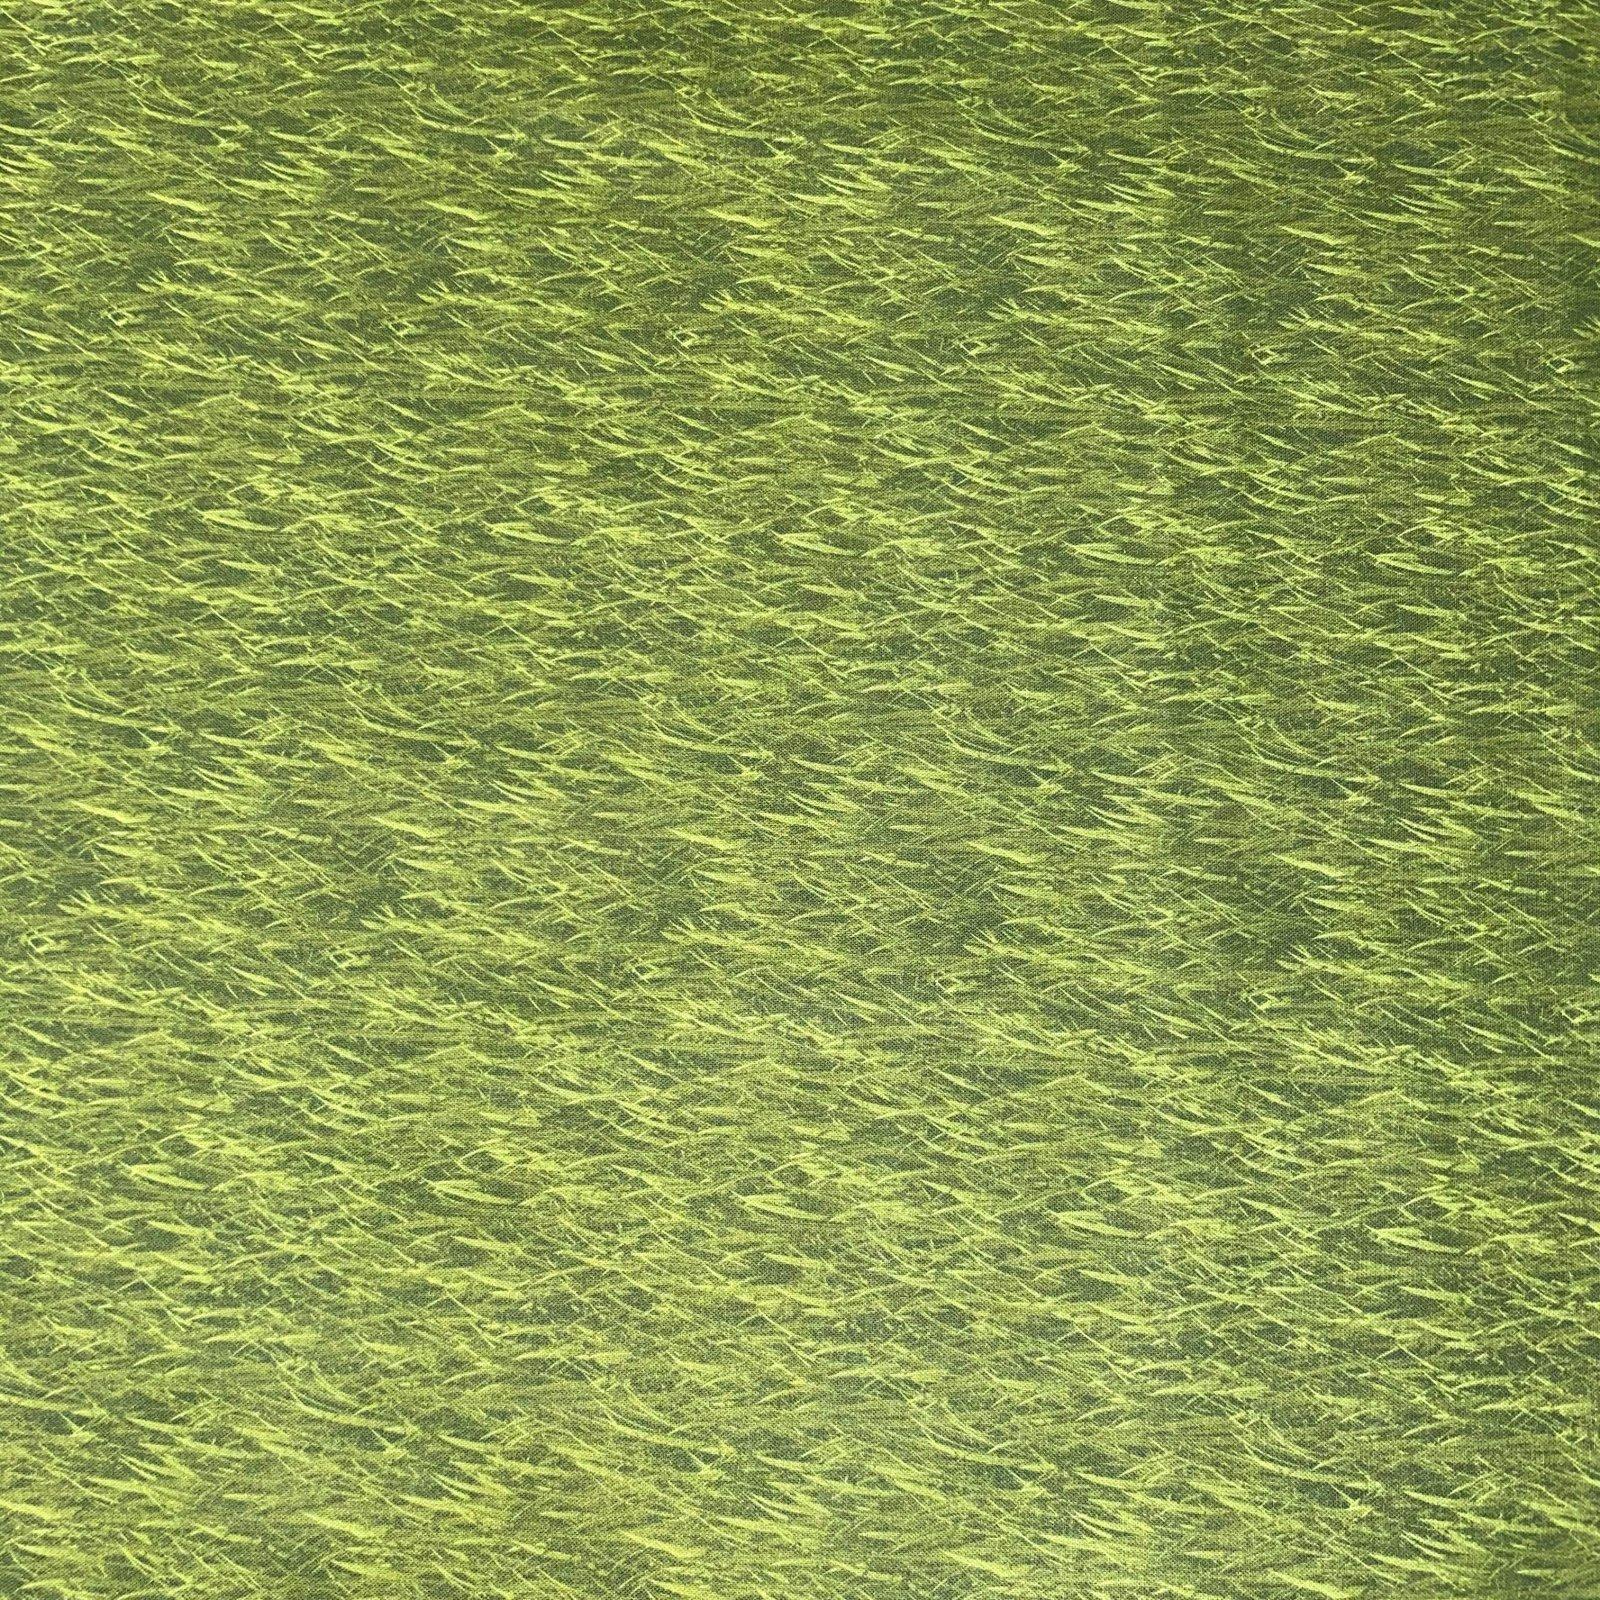 Barnyard Blender Grass